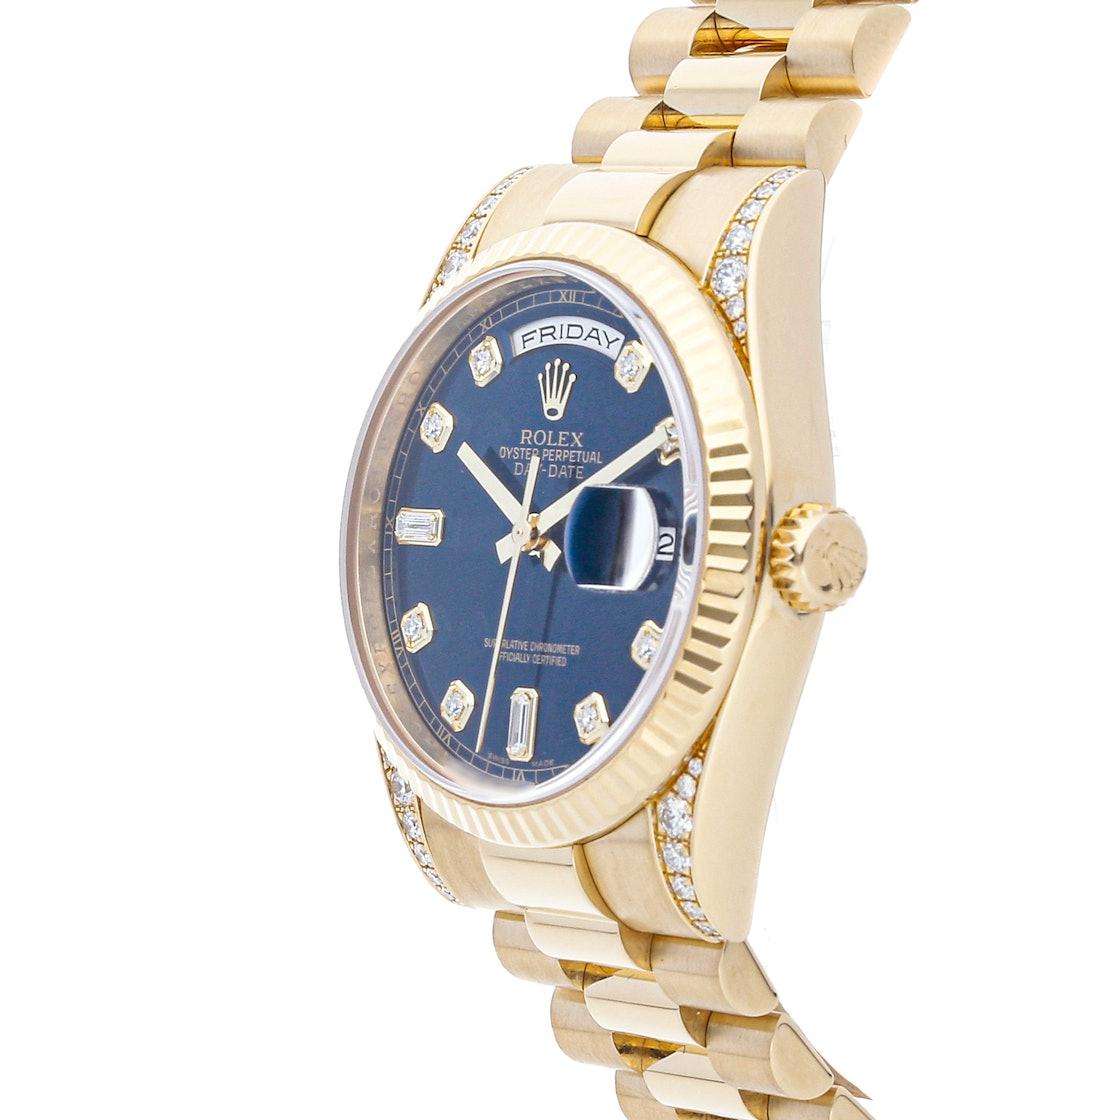 Rolex Day-Date 118338